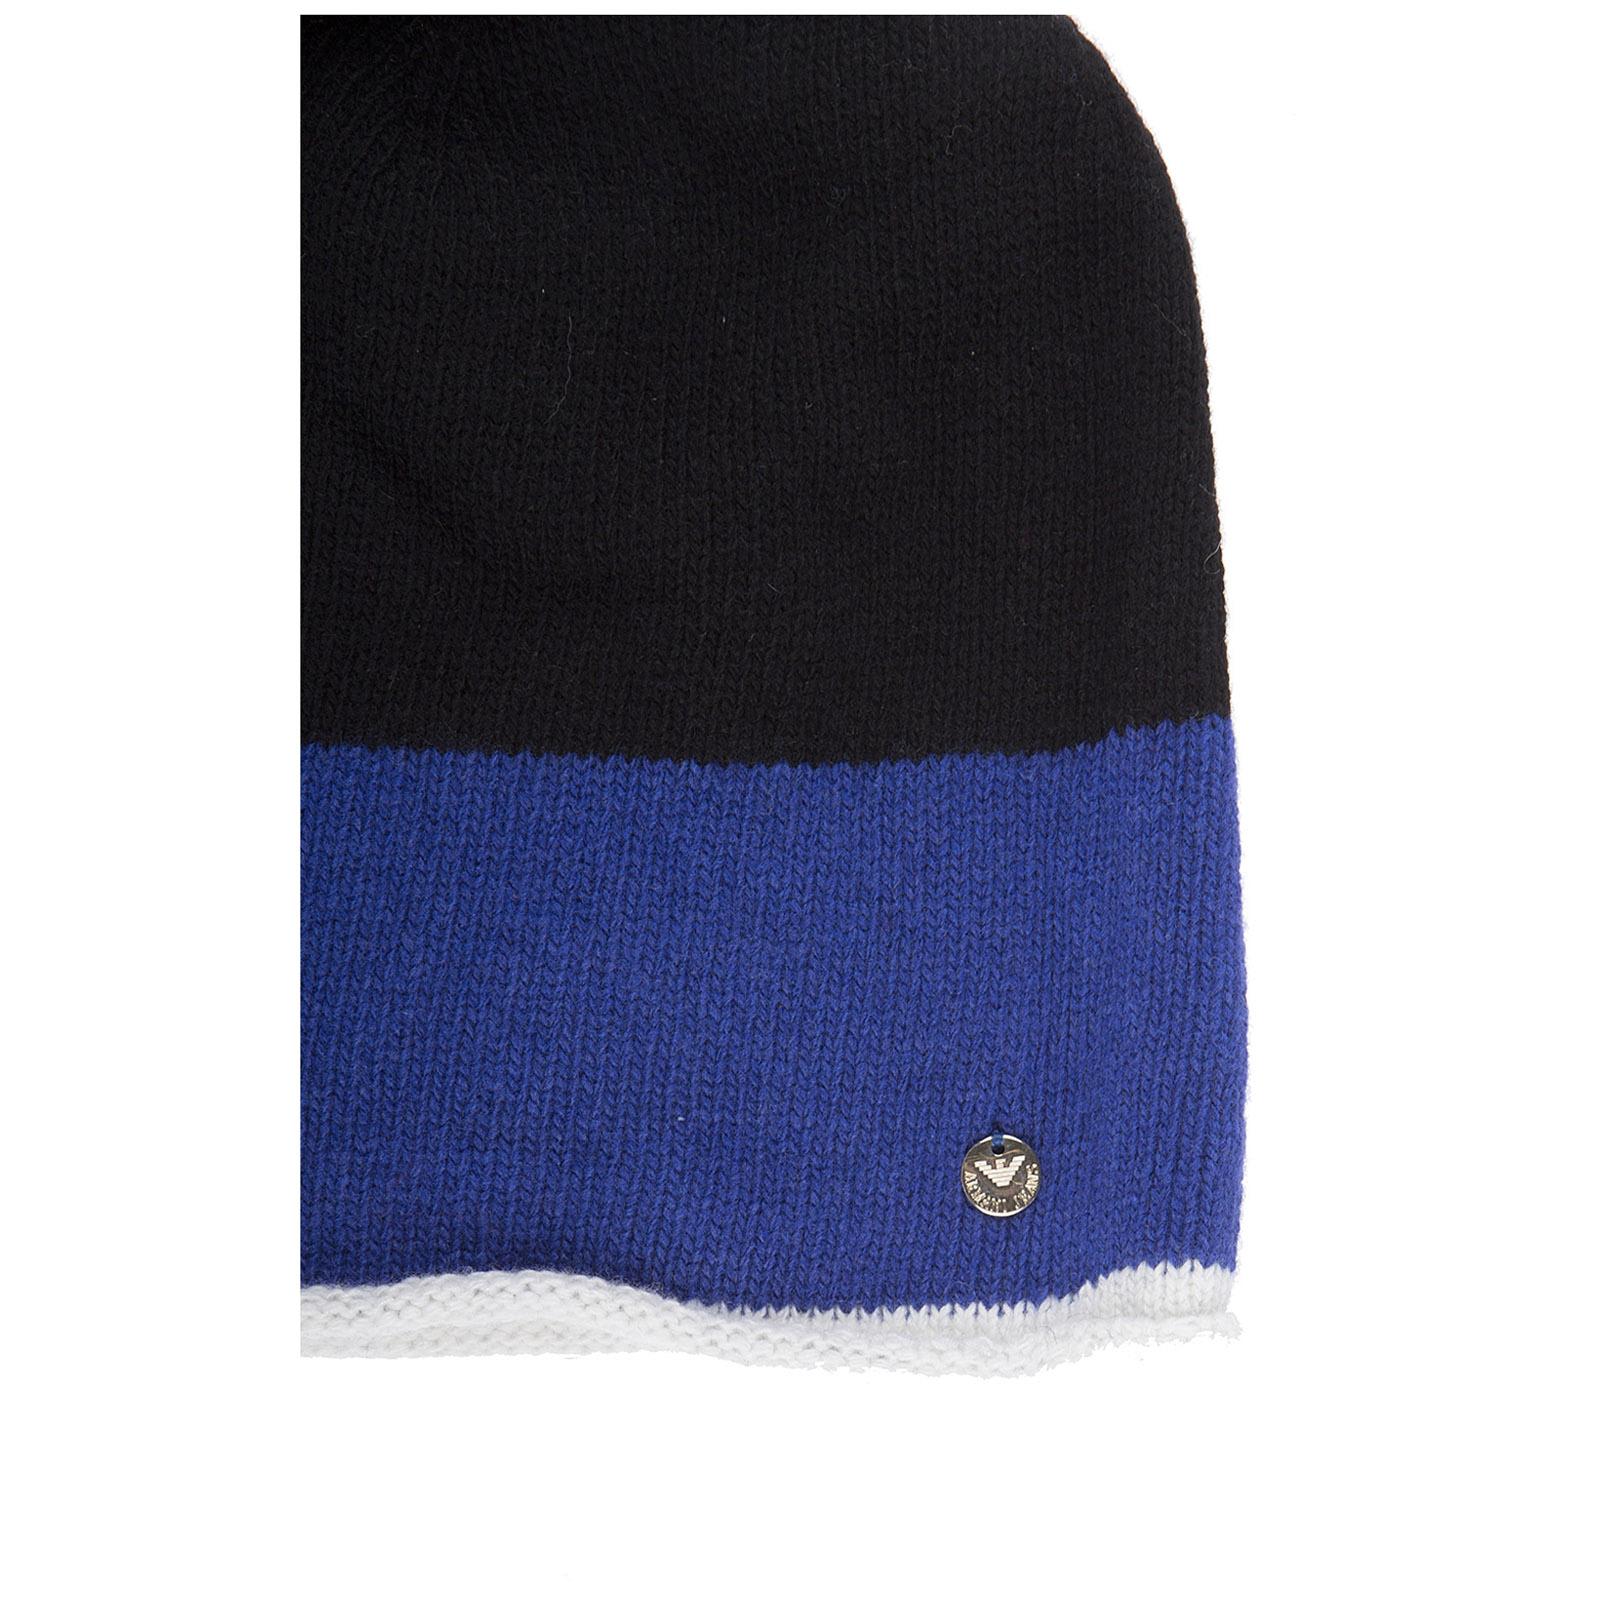 Damen mütze wollmütze beanie